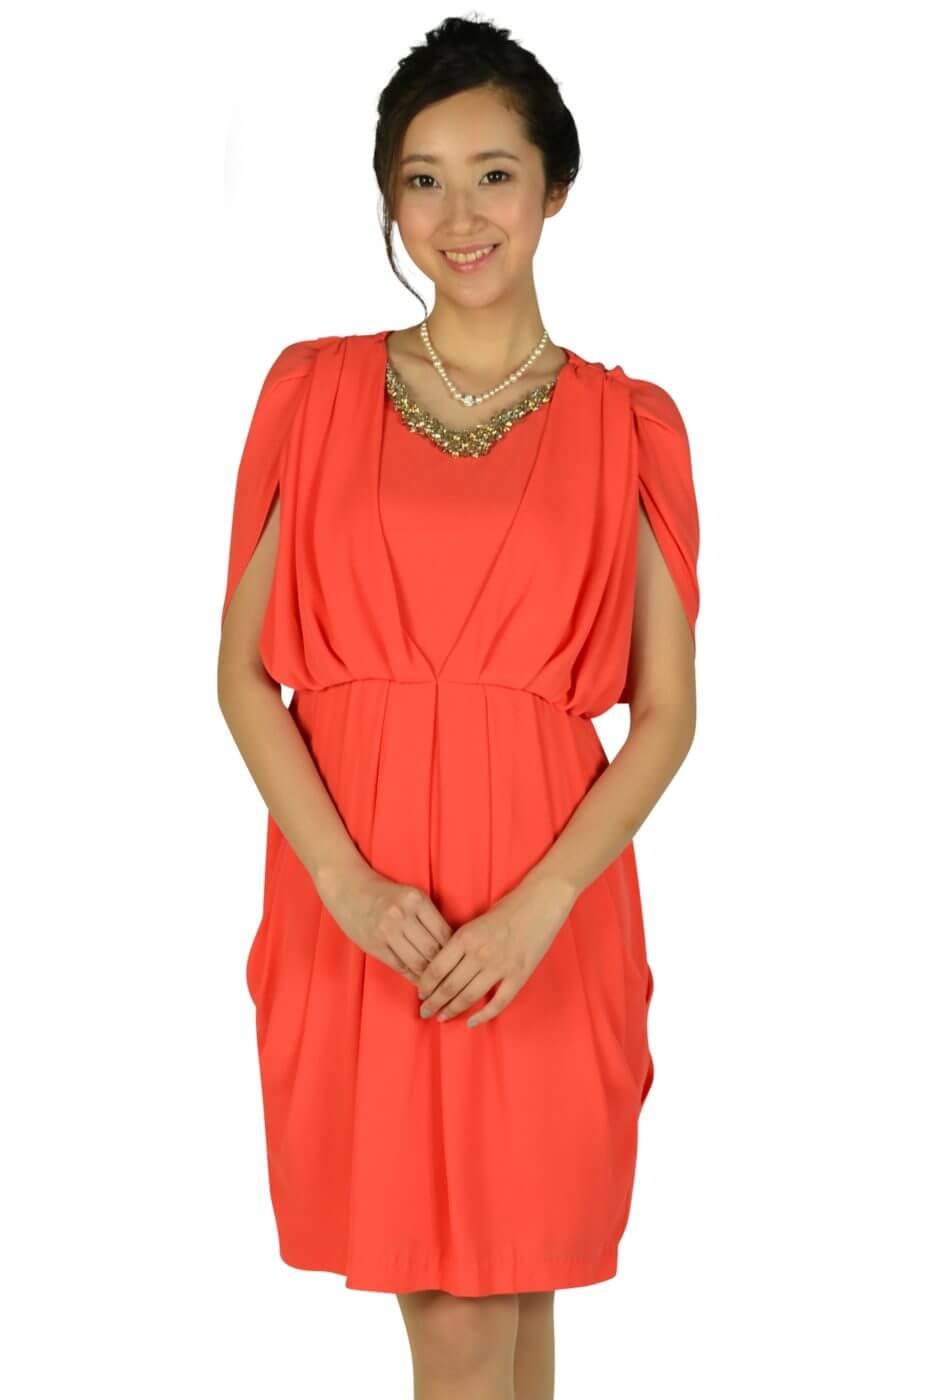 アーバンリサーチ ロッソ (URBAN RESEARCH ROSSO)ゴージャスオレンジドレス